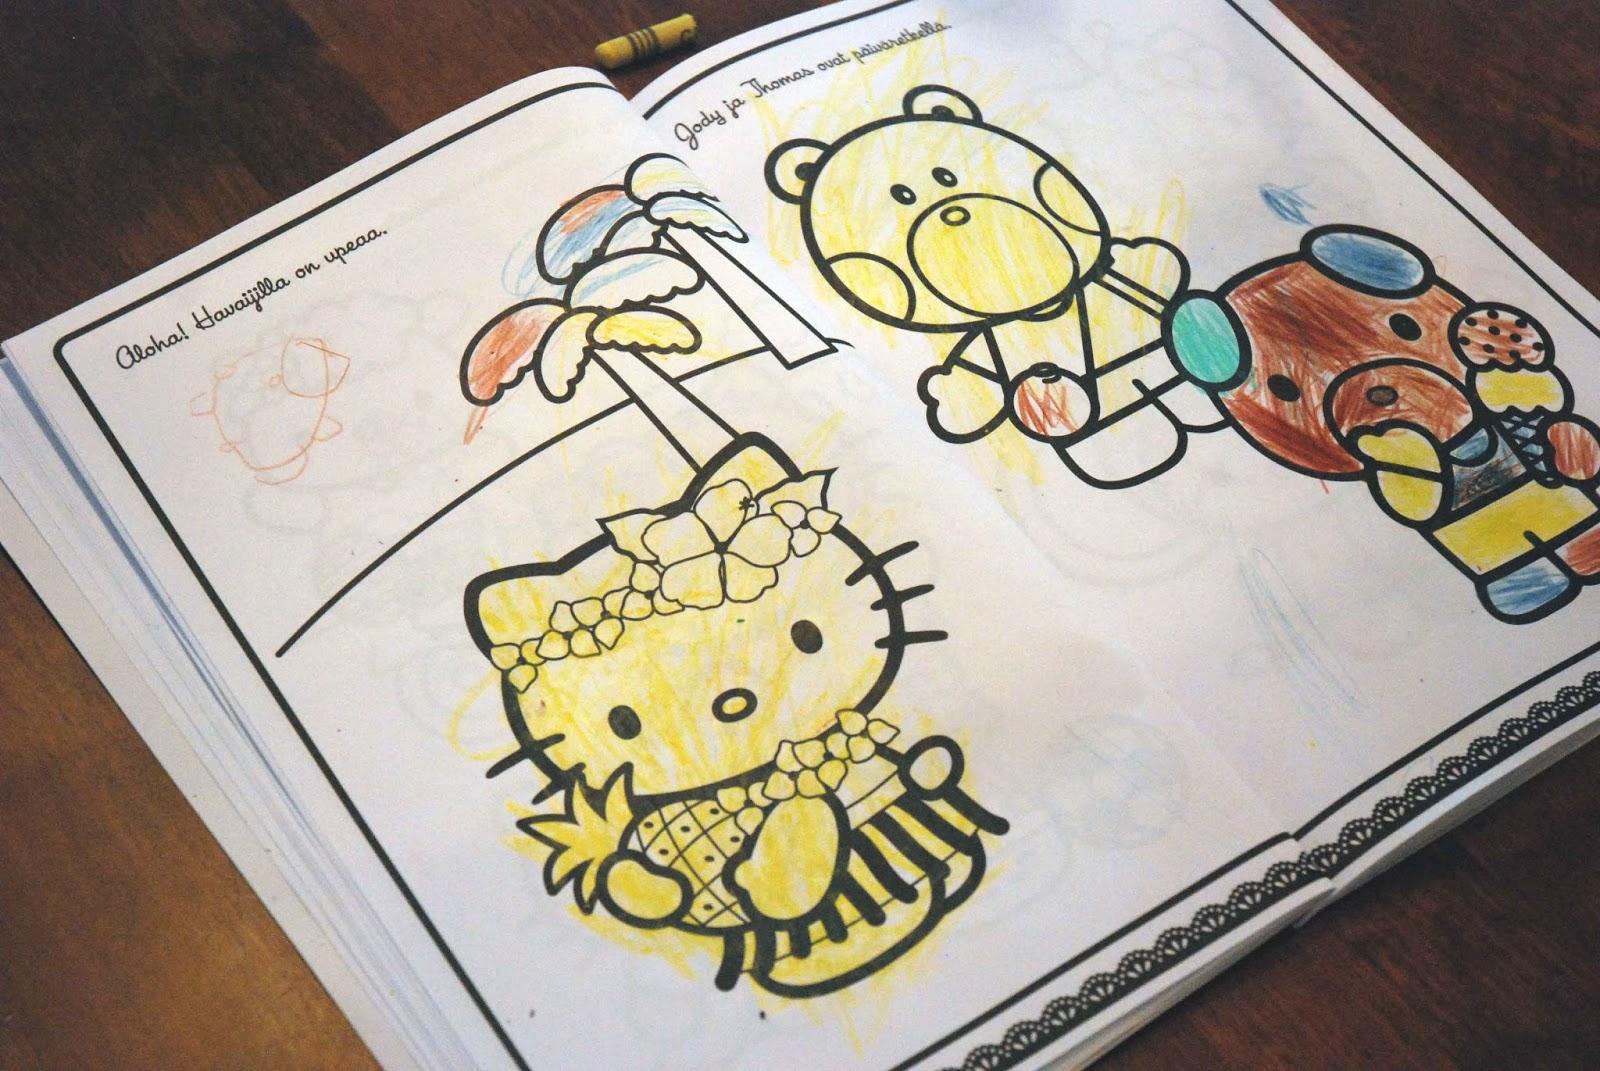 värityskirja aikuisille citymarket